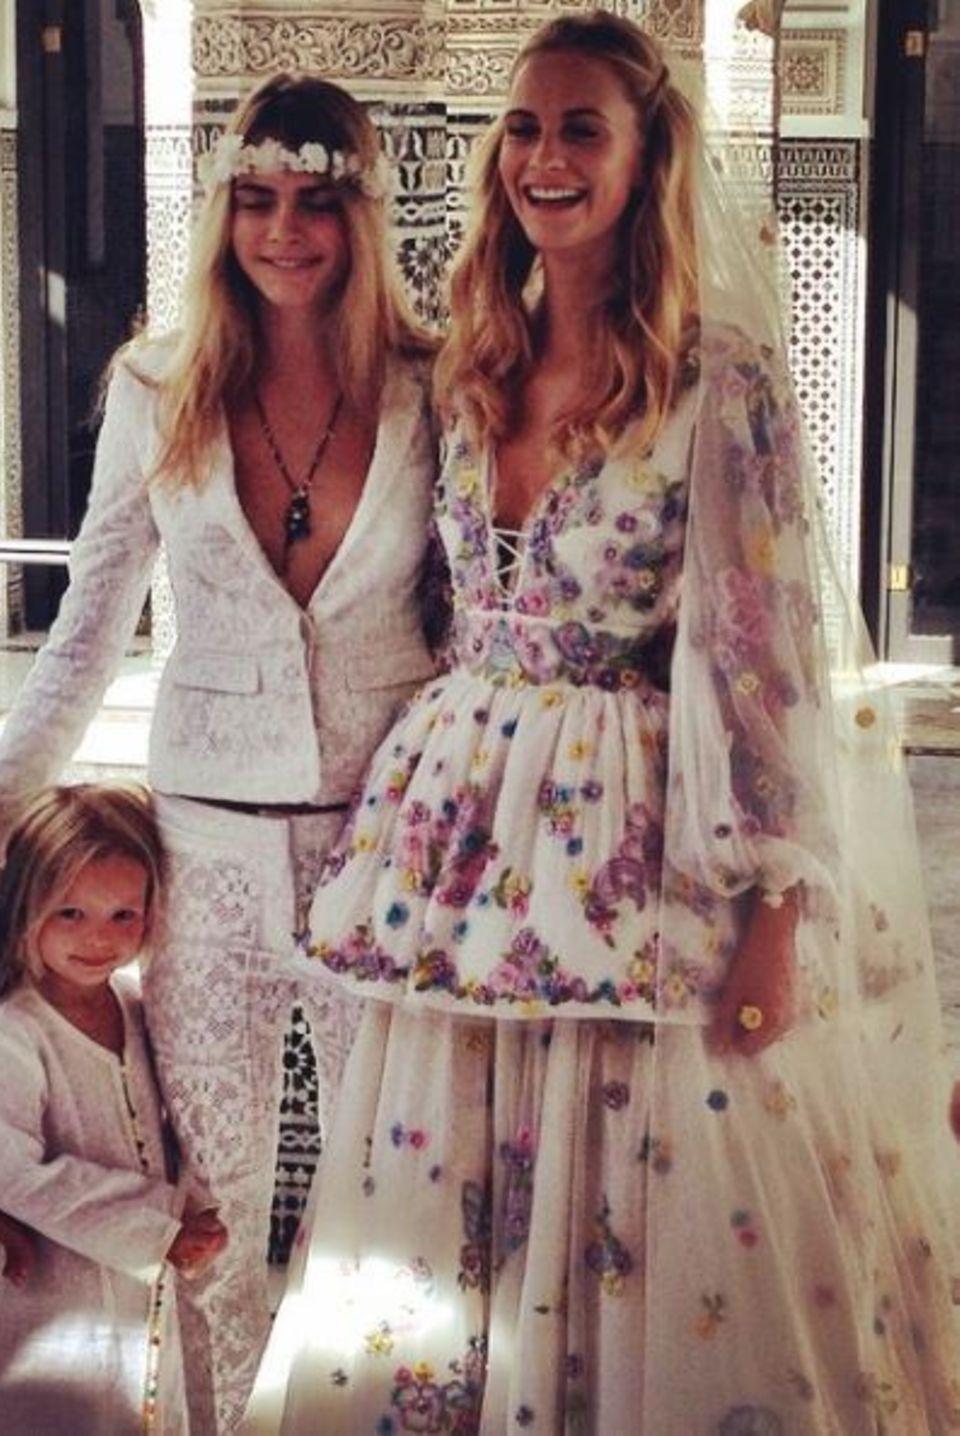 In Marrakesch feiert Poppy Delevingne ihre große Wedding-Party und lässt es dabei auch modisch krachen. In einem floralbesticktem Kleid mit Schnürungen und langer Schößchen-Lage, das Peter Dundas designt hat, gibt sie die Hippie-Braut.